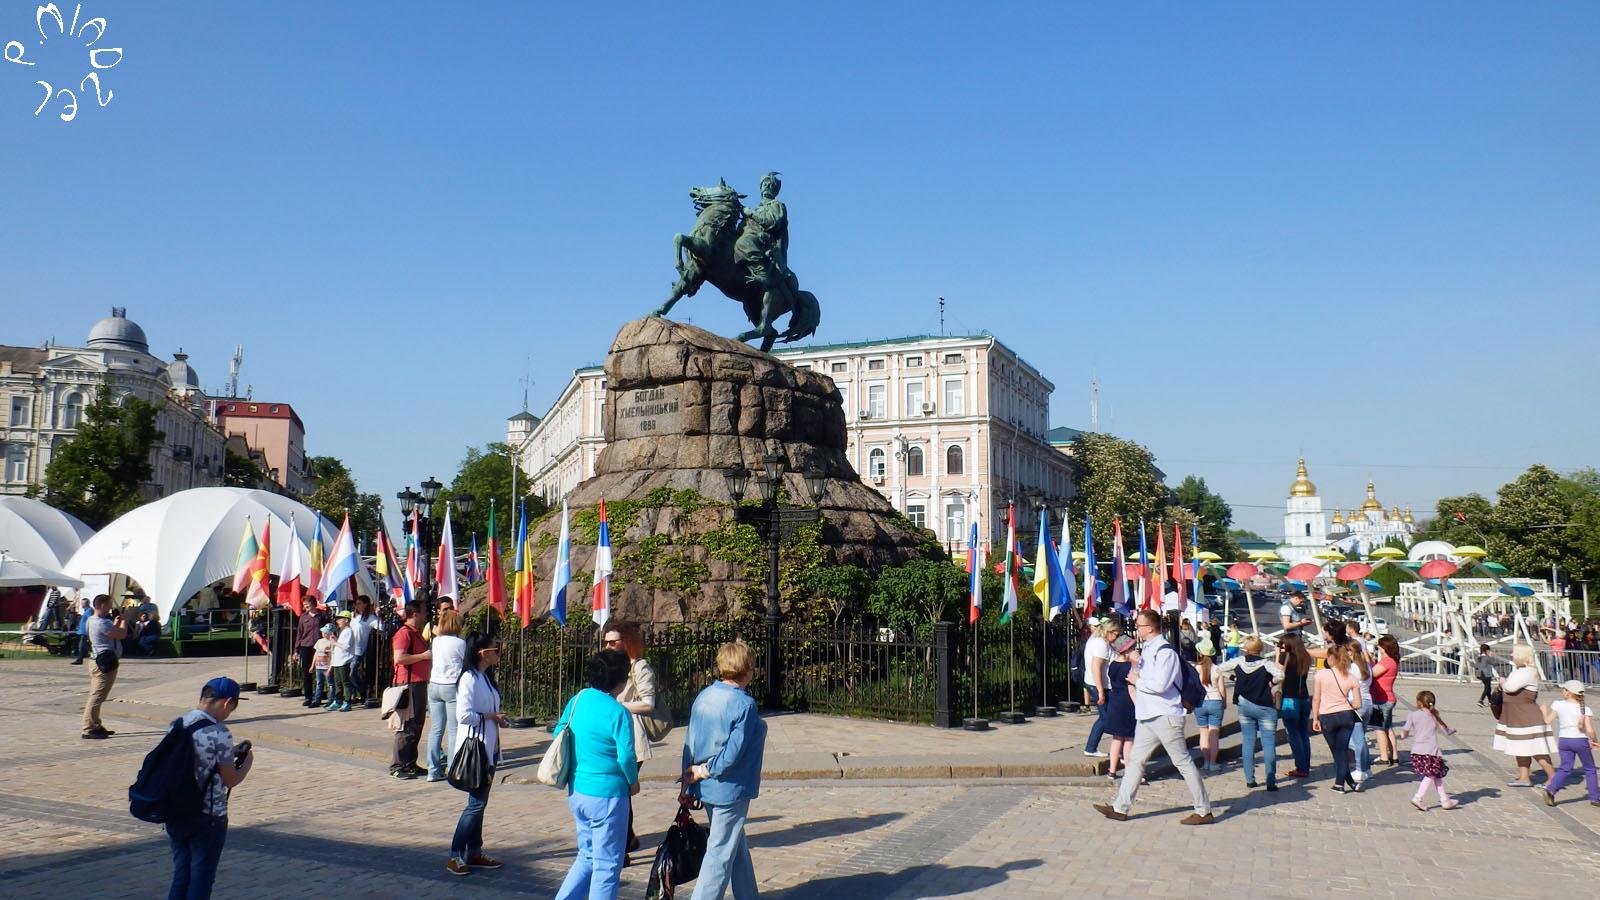 Eurovision-Fanmeile auf dem Sophienplatz. Bildrechte: Pavlo Miadzel